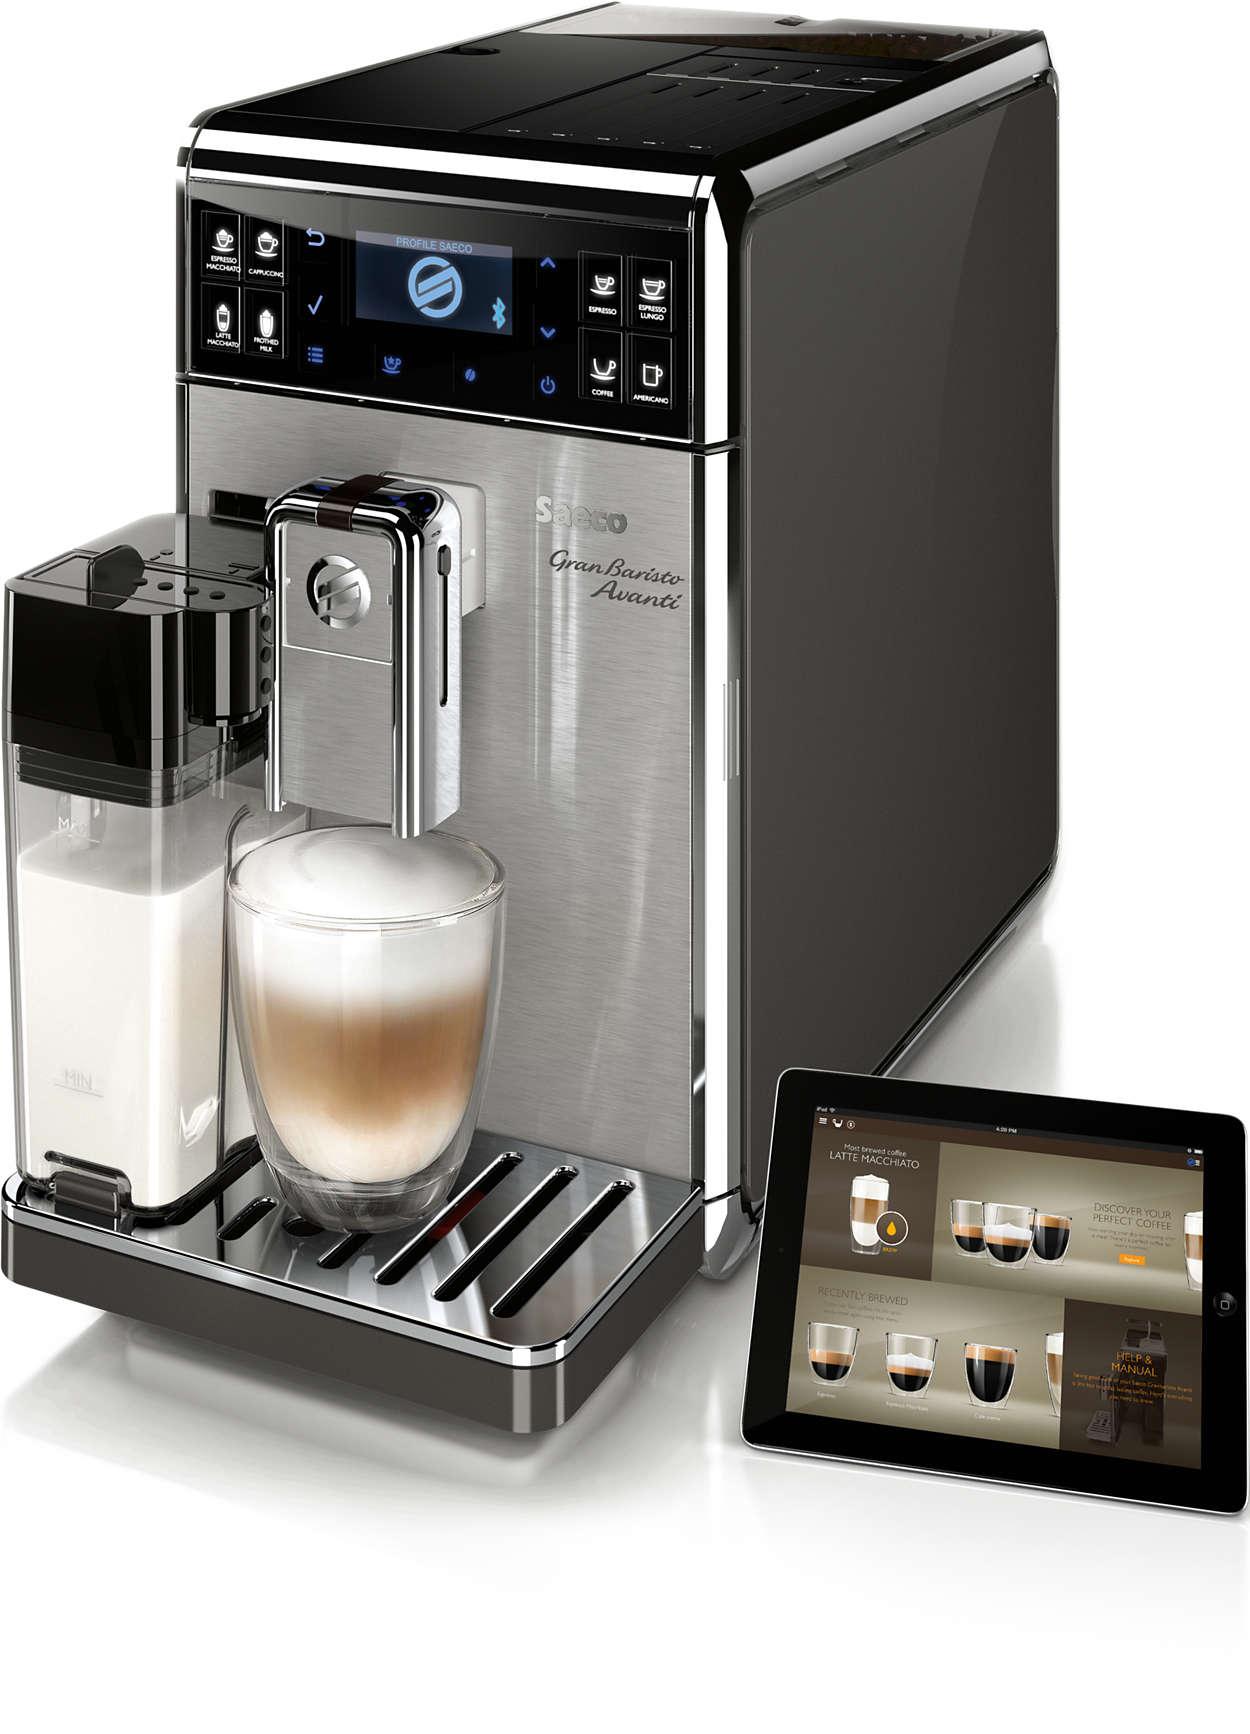 Nejpropracovanější příprava domácí kávy